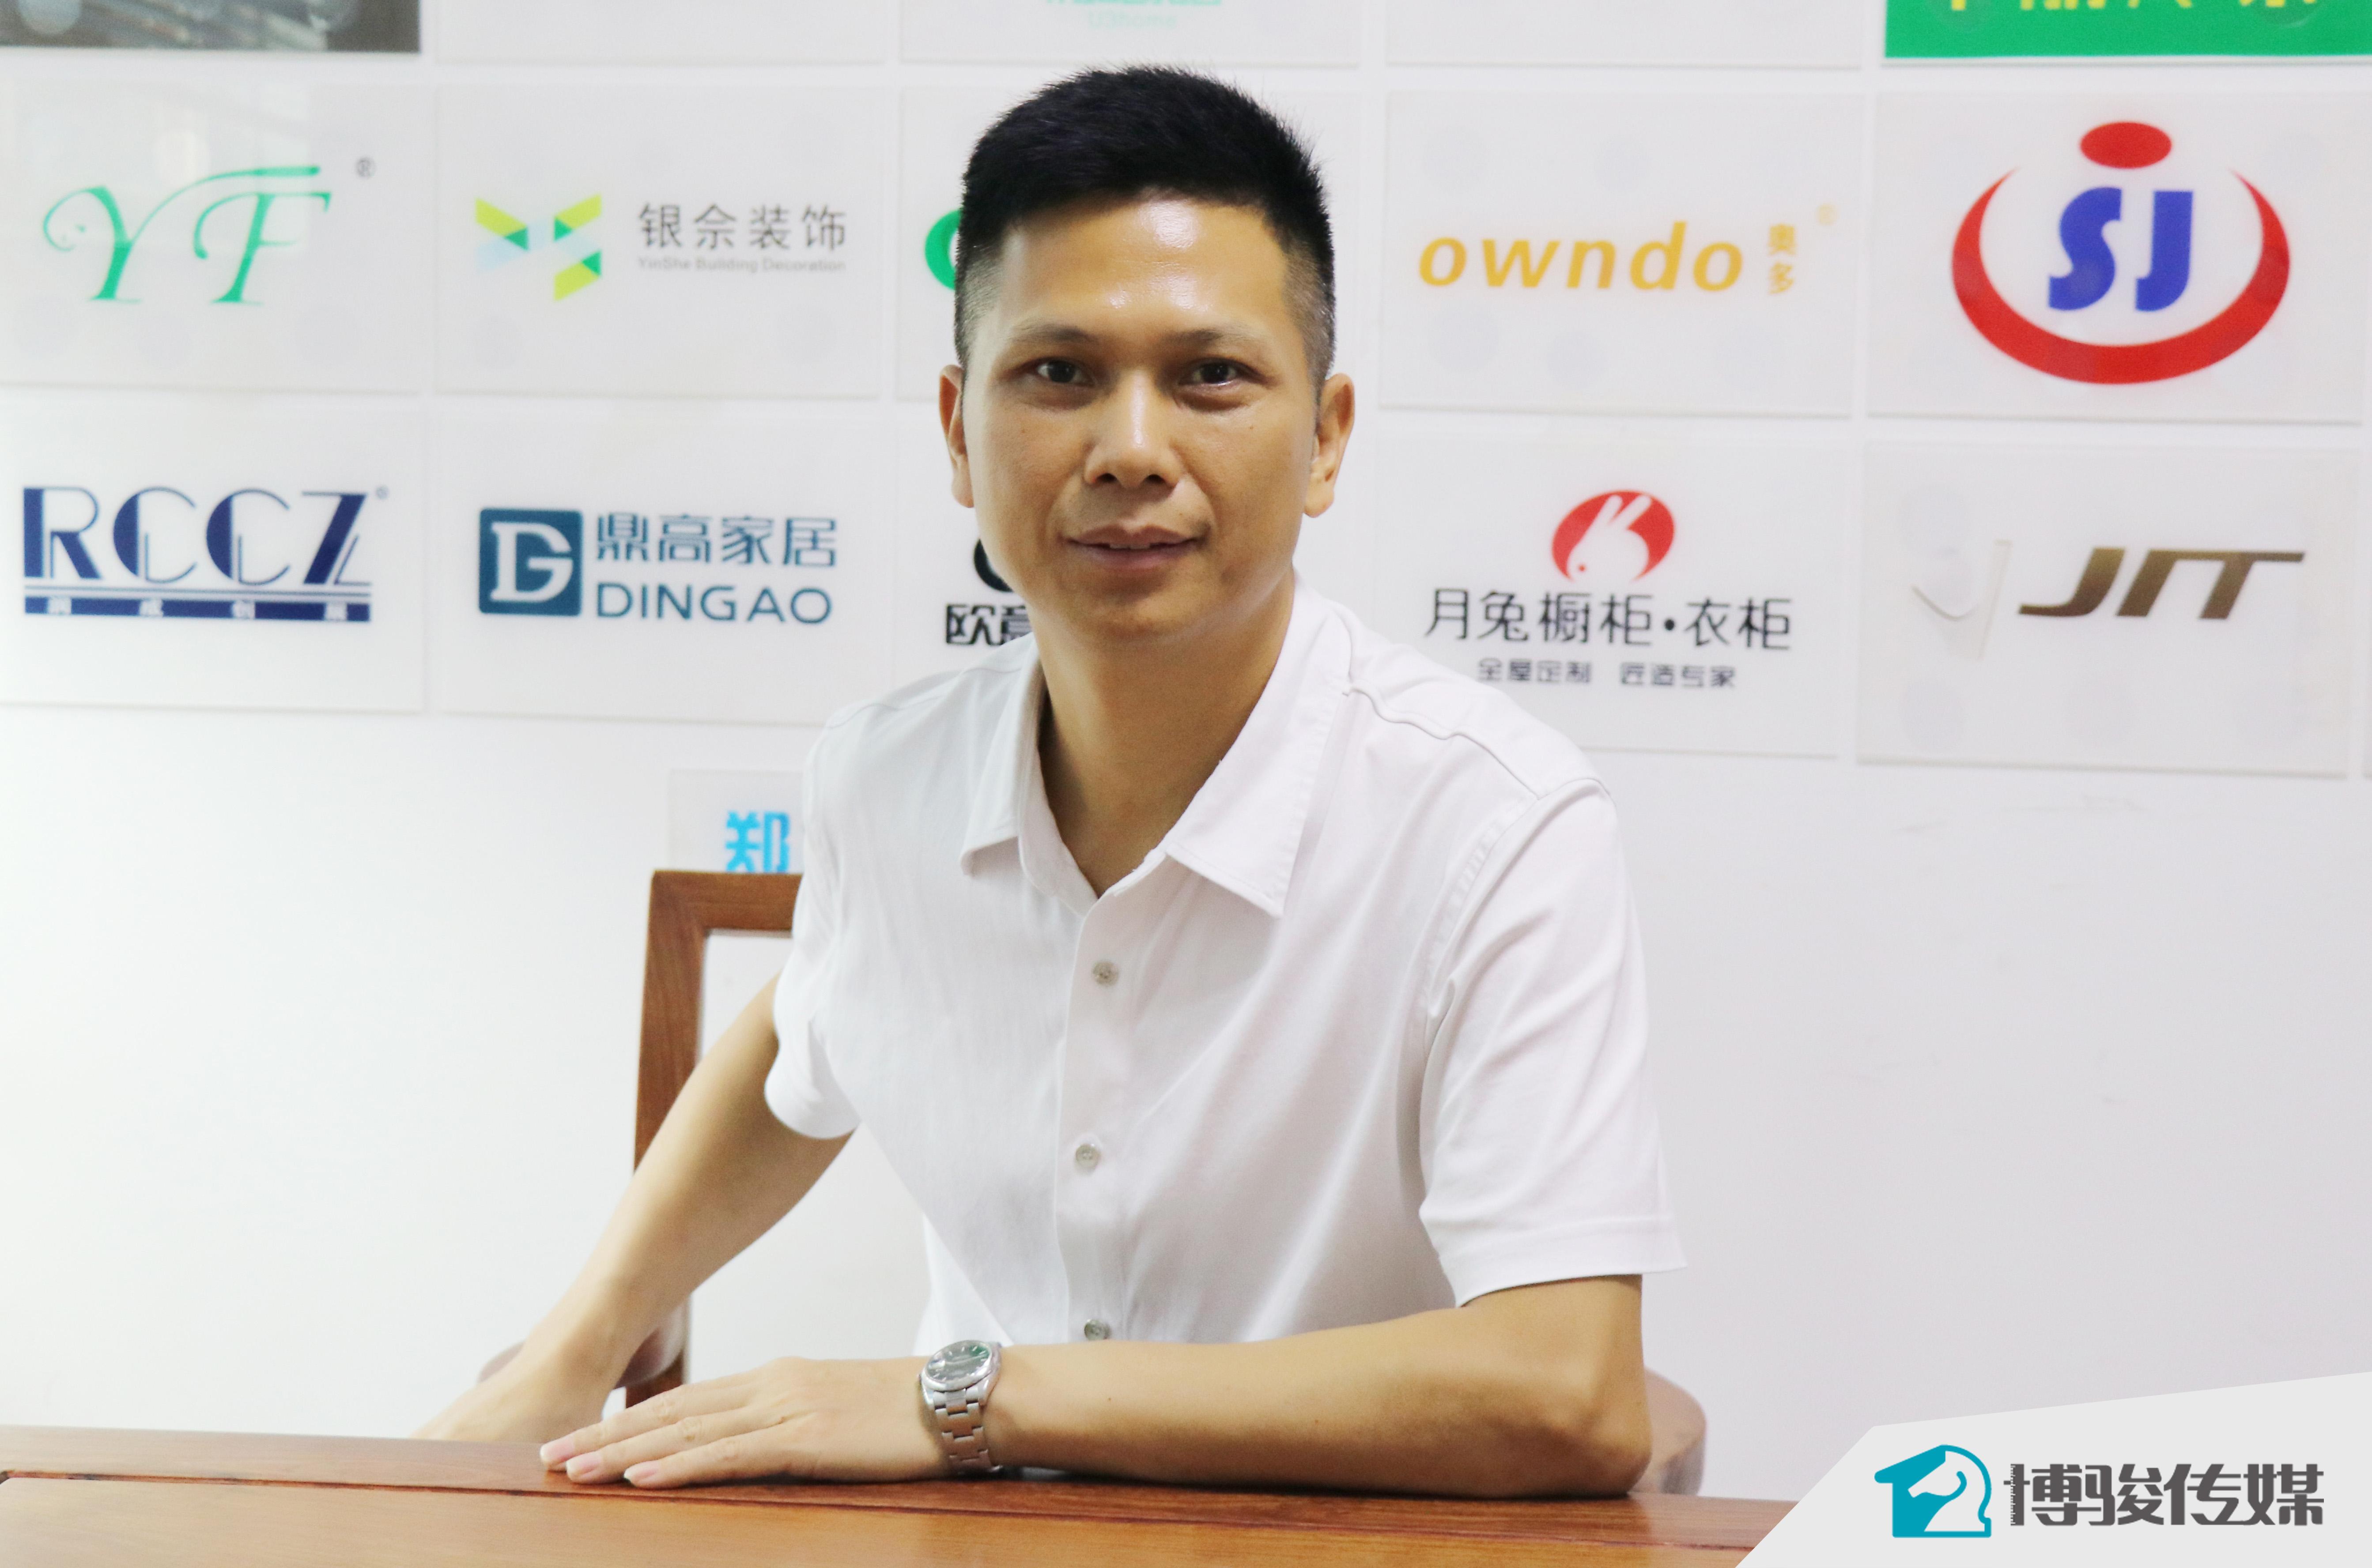 【专访】创业故事|郑太机械郑鲁平:专注做长做强,争